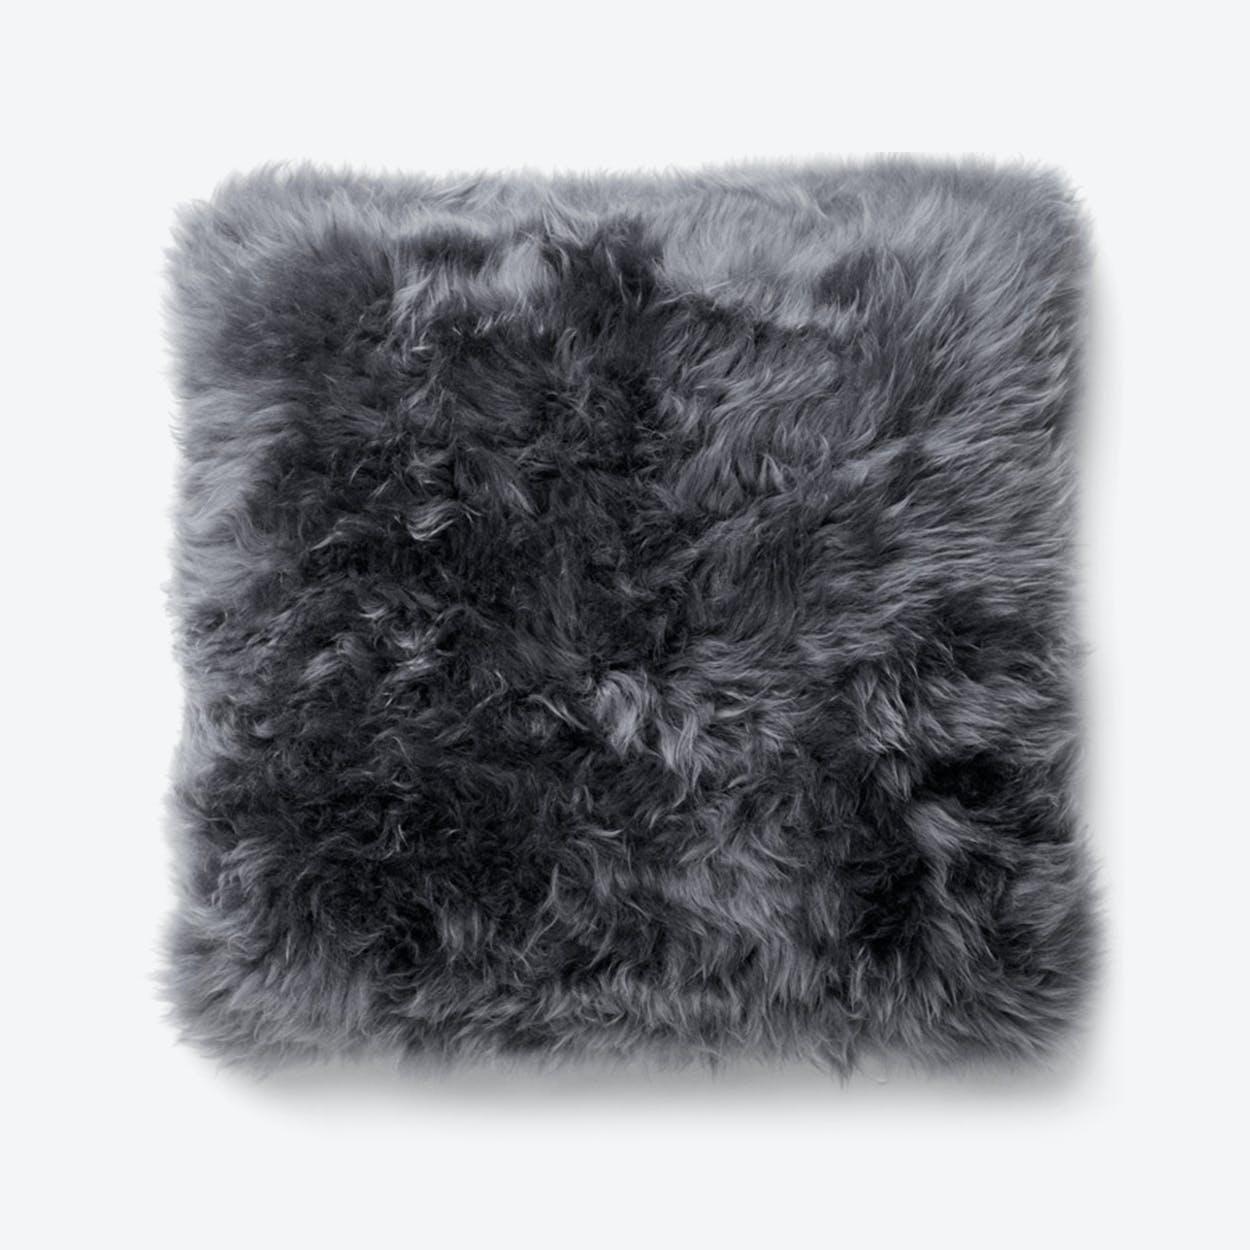 New Zealand Sheepskin Cushion in Grey